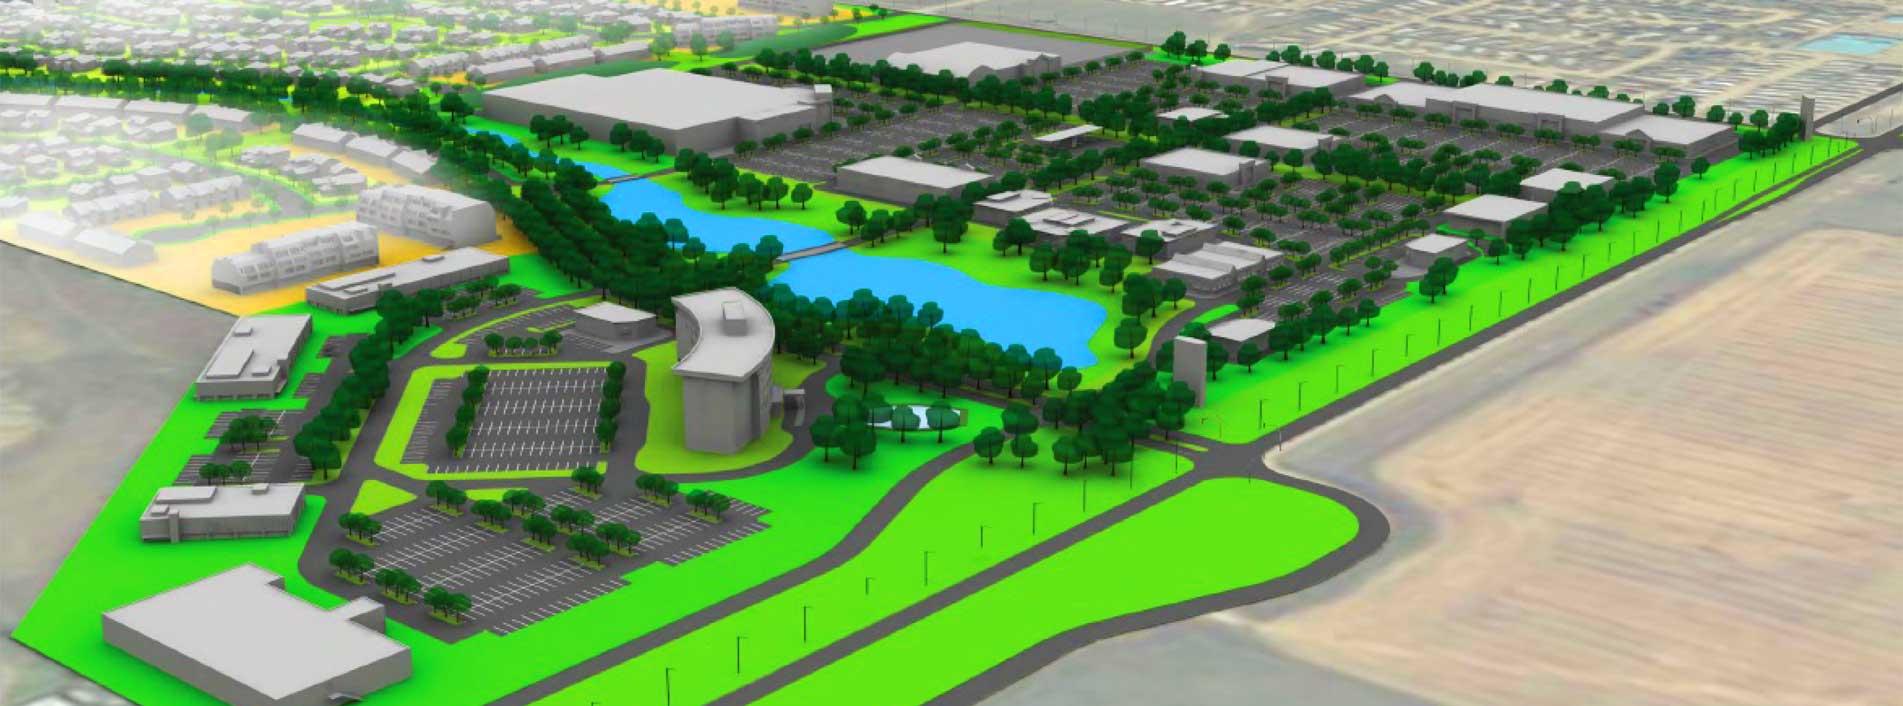 South Brandon Village, VBJ Developments